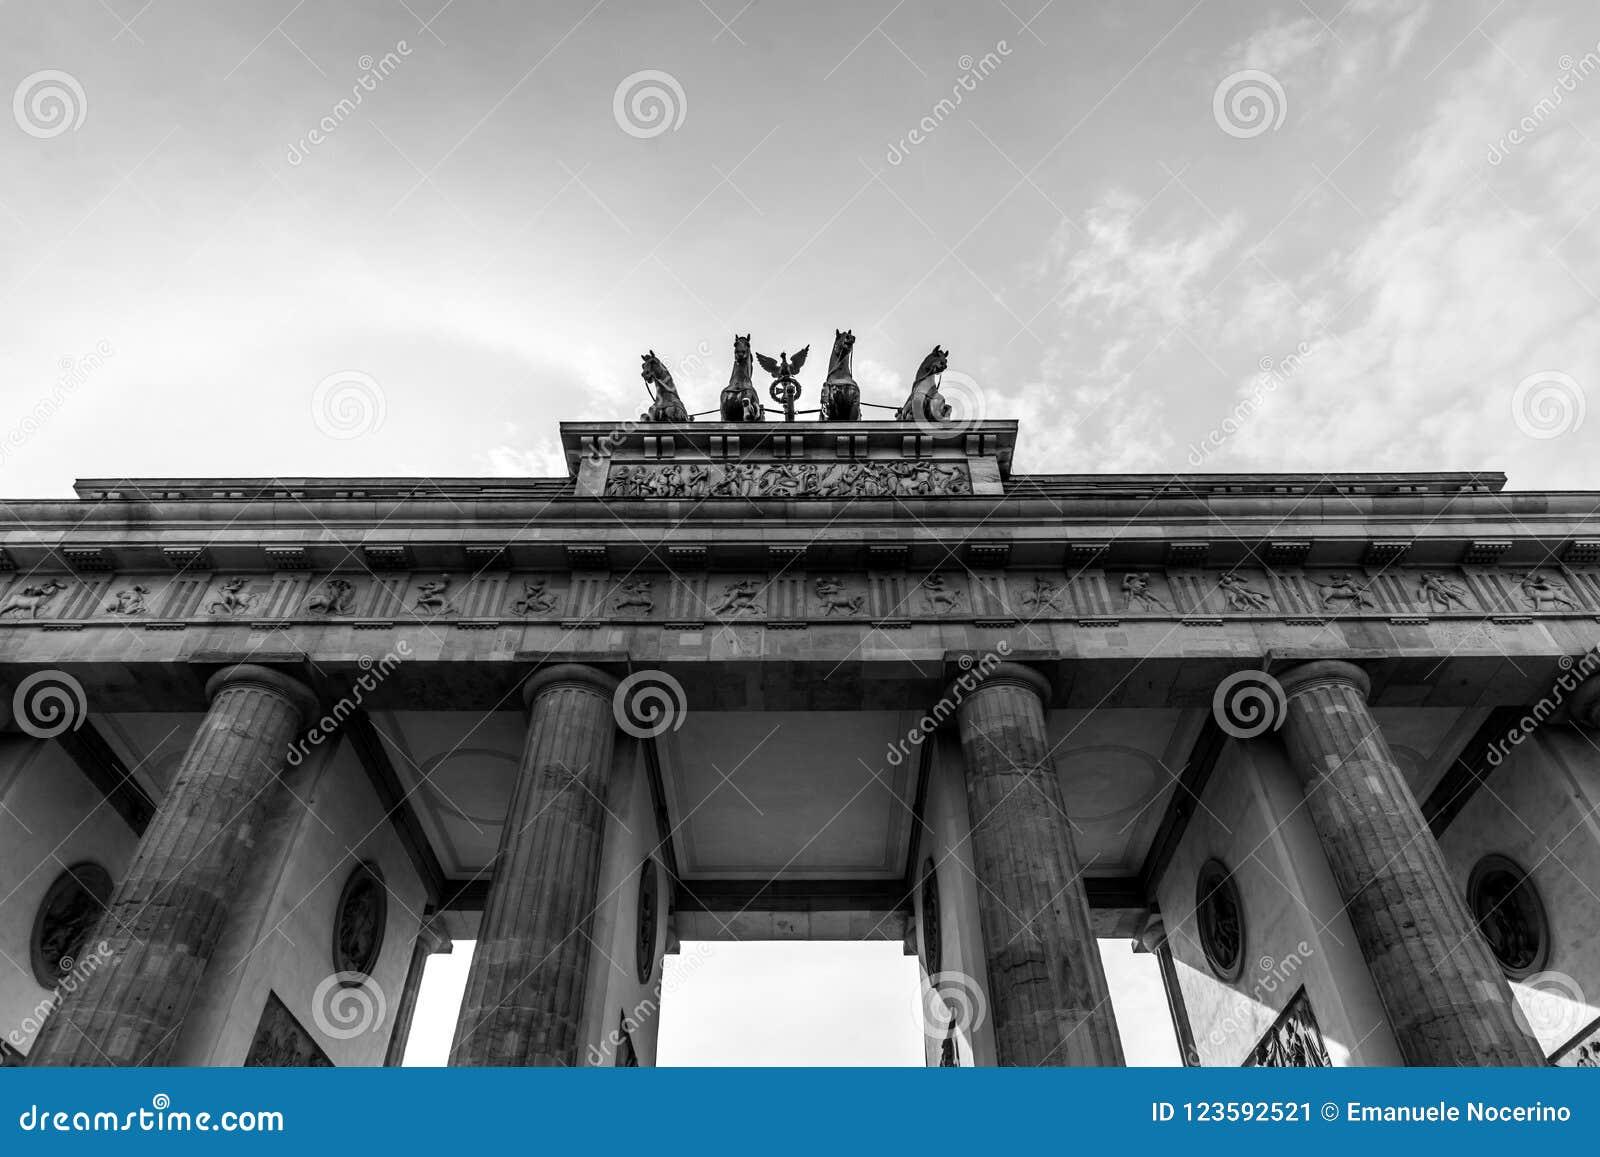 勃兰登堡门的黑白图片,柏林;德国 详述勃兰登堡门四马二轮战车 Pariser普拉茨